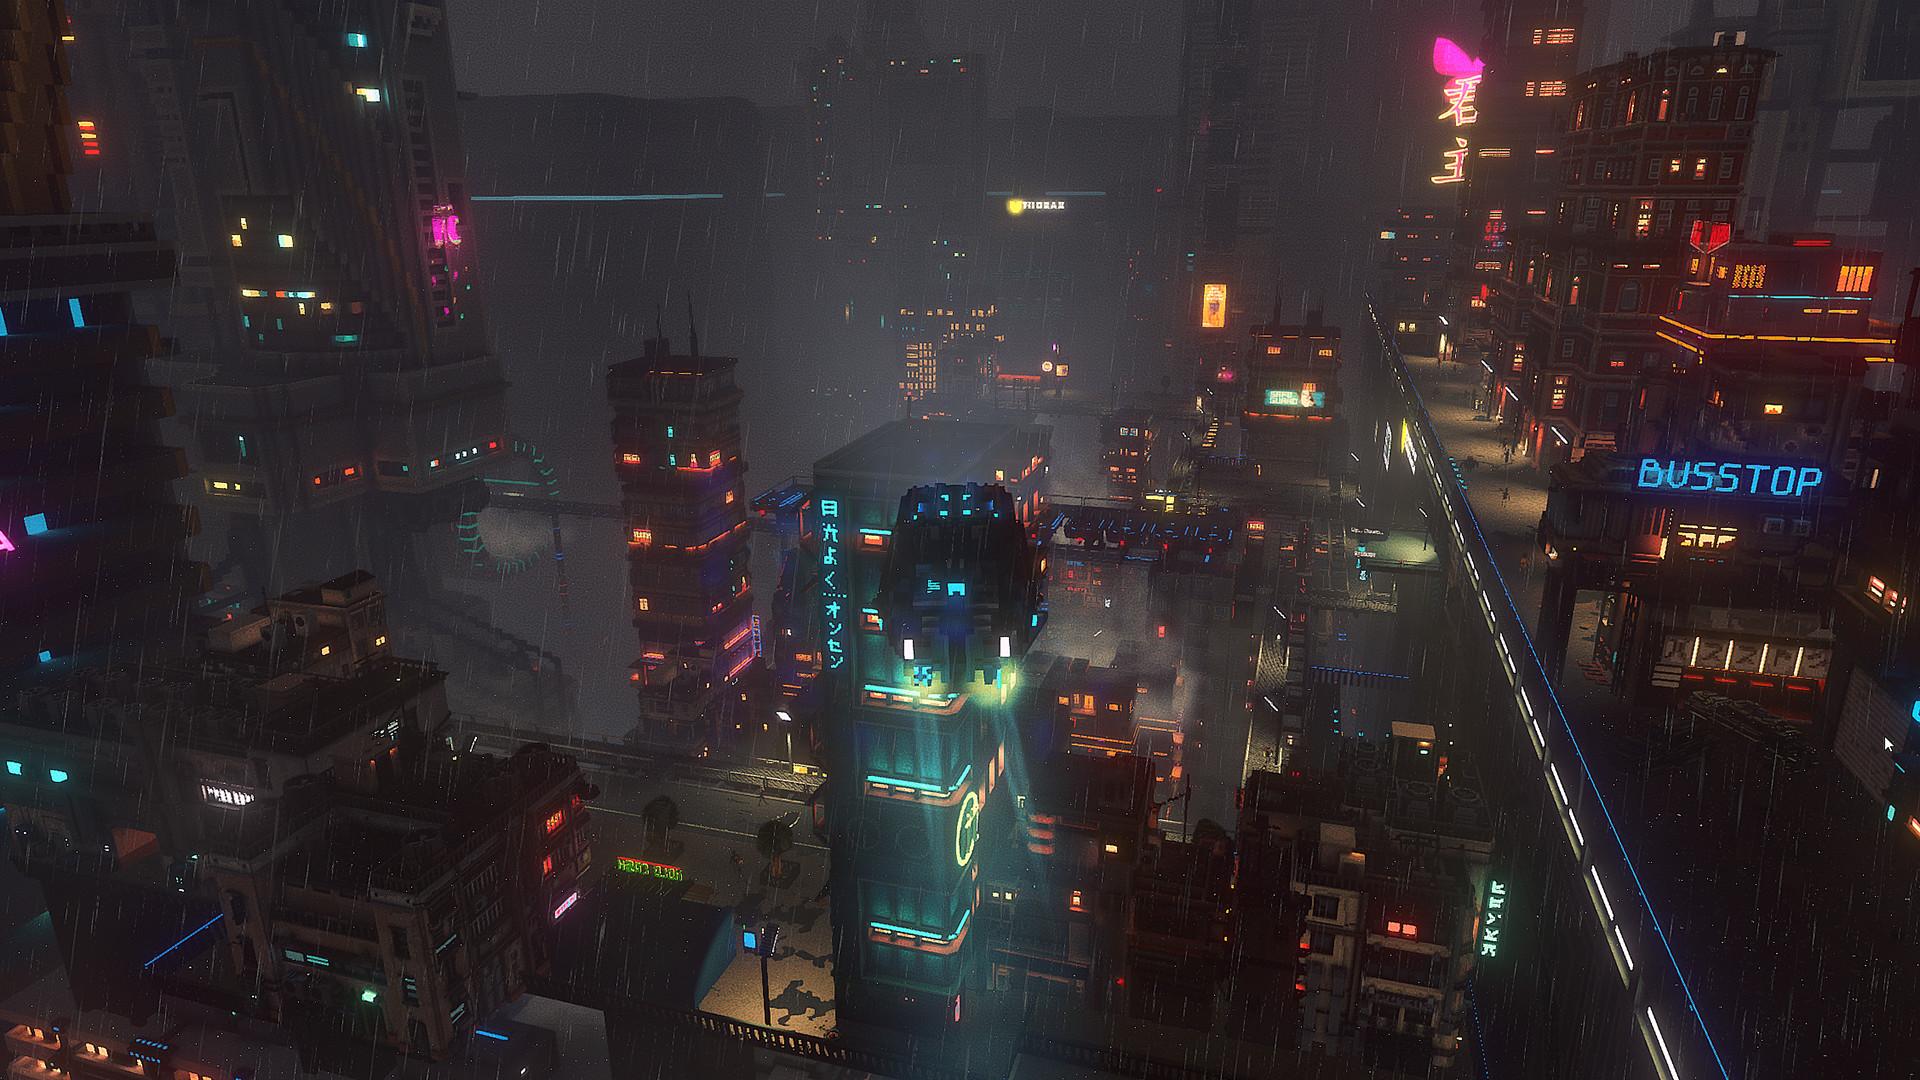 cloudpunk-pc-screenshot-04